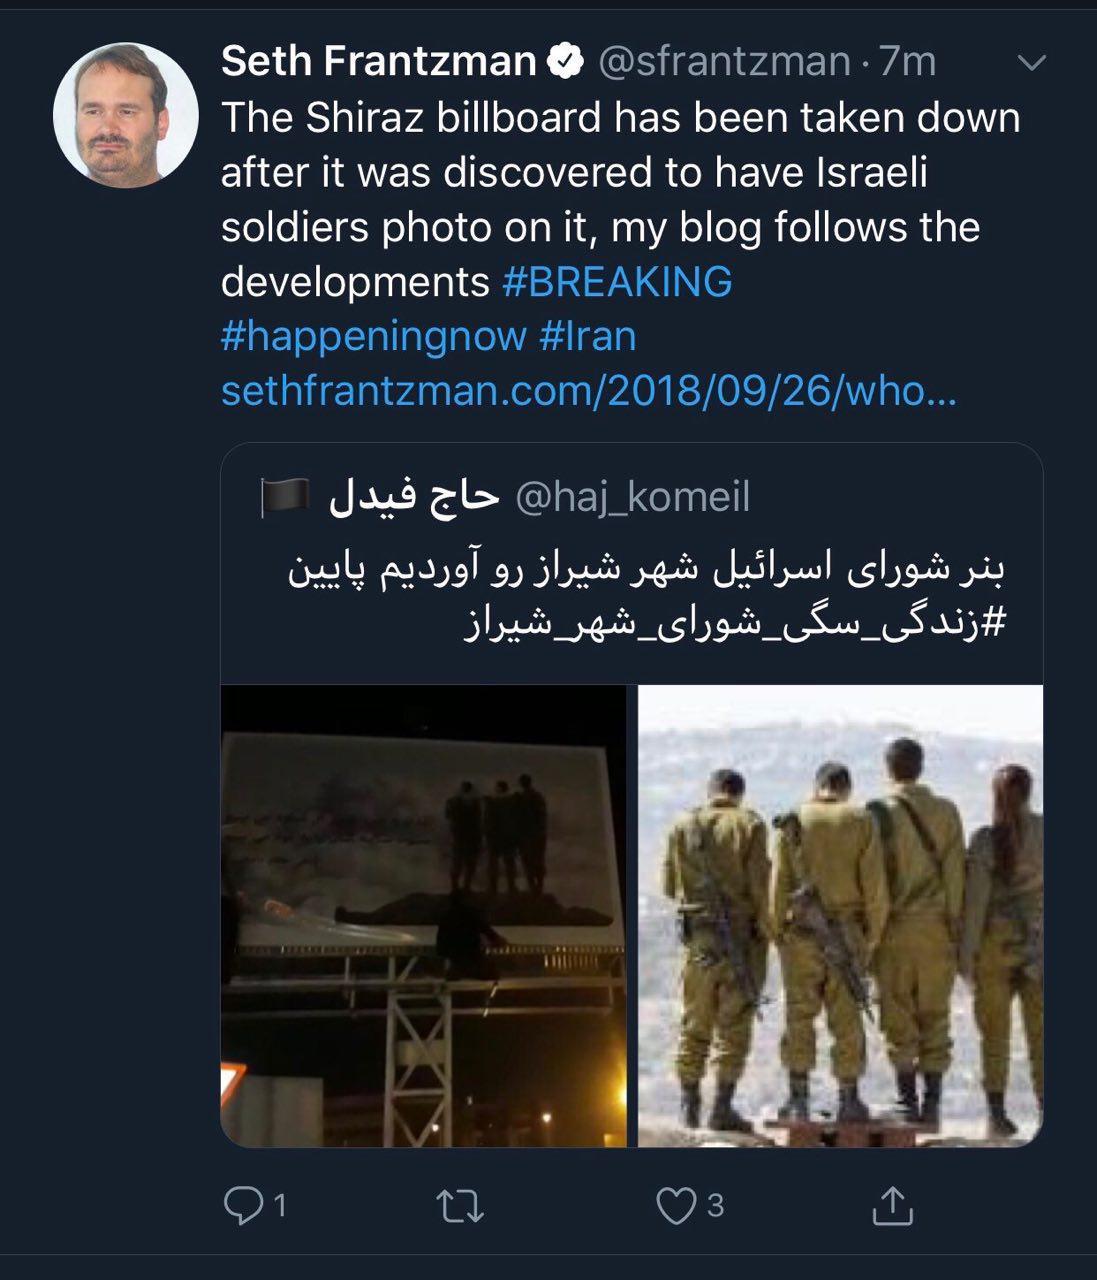 واکنش اسرائیلیها به پایین آوردن بنر سربازان صهیونیستی در شیراز+عکس